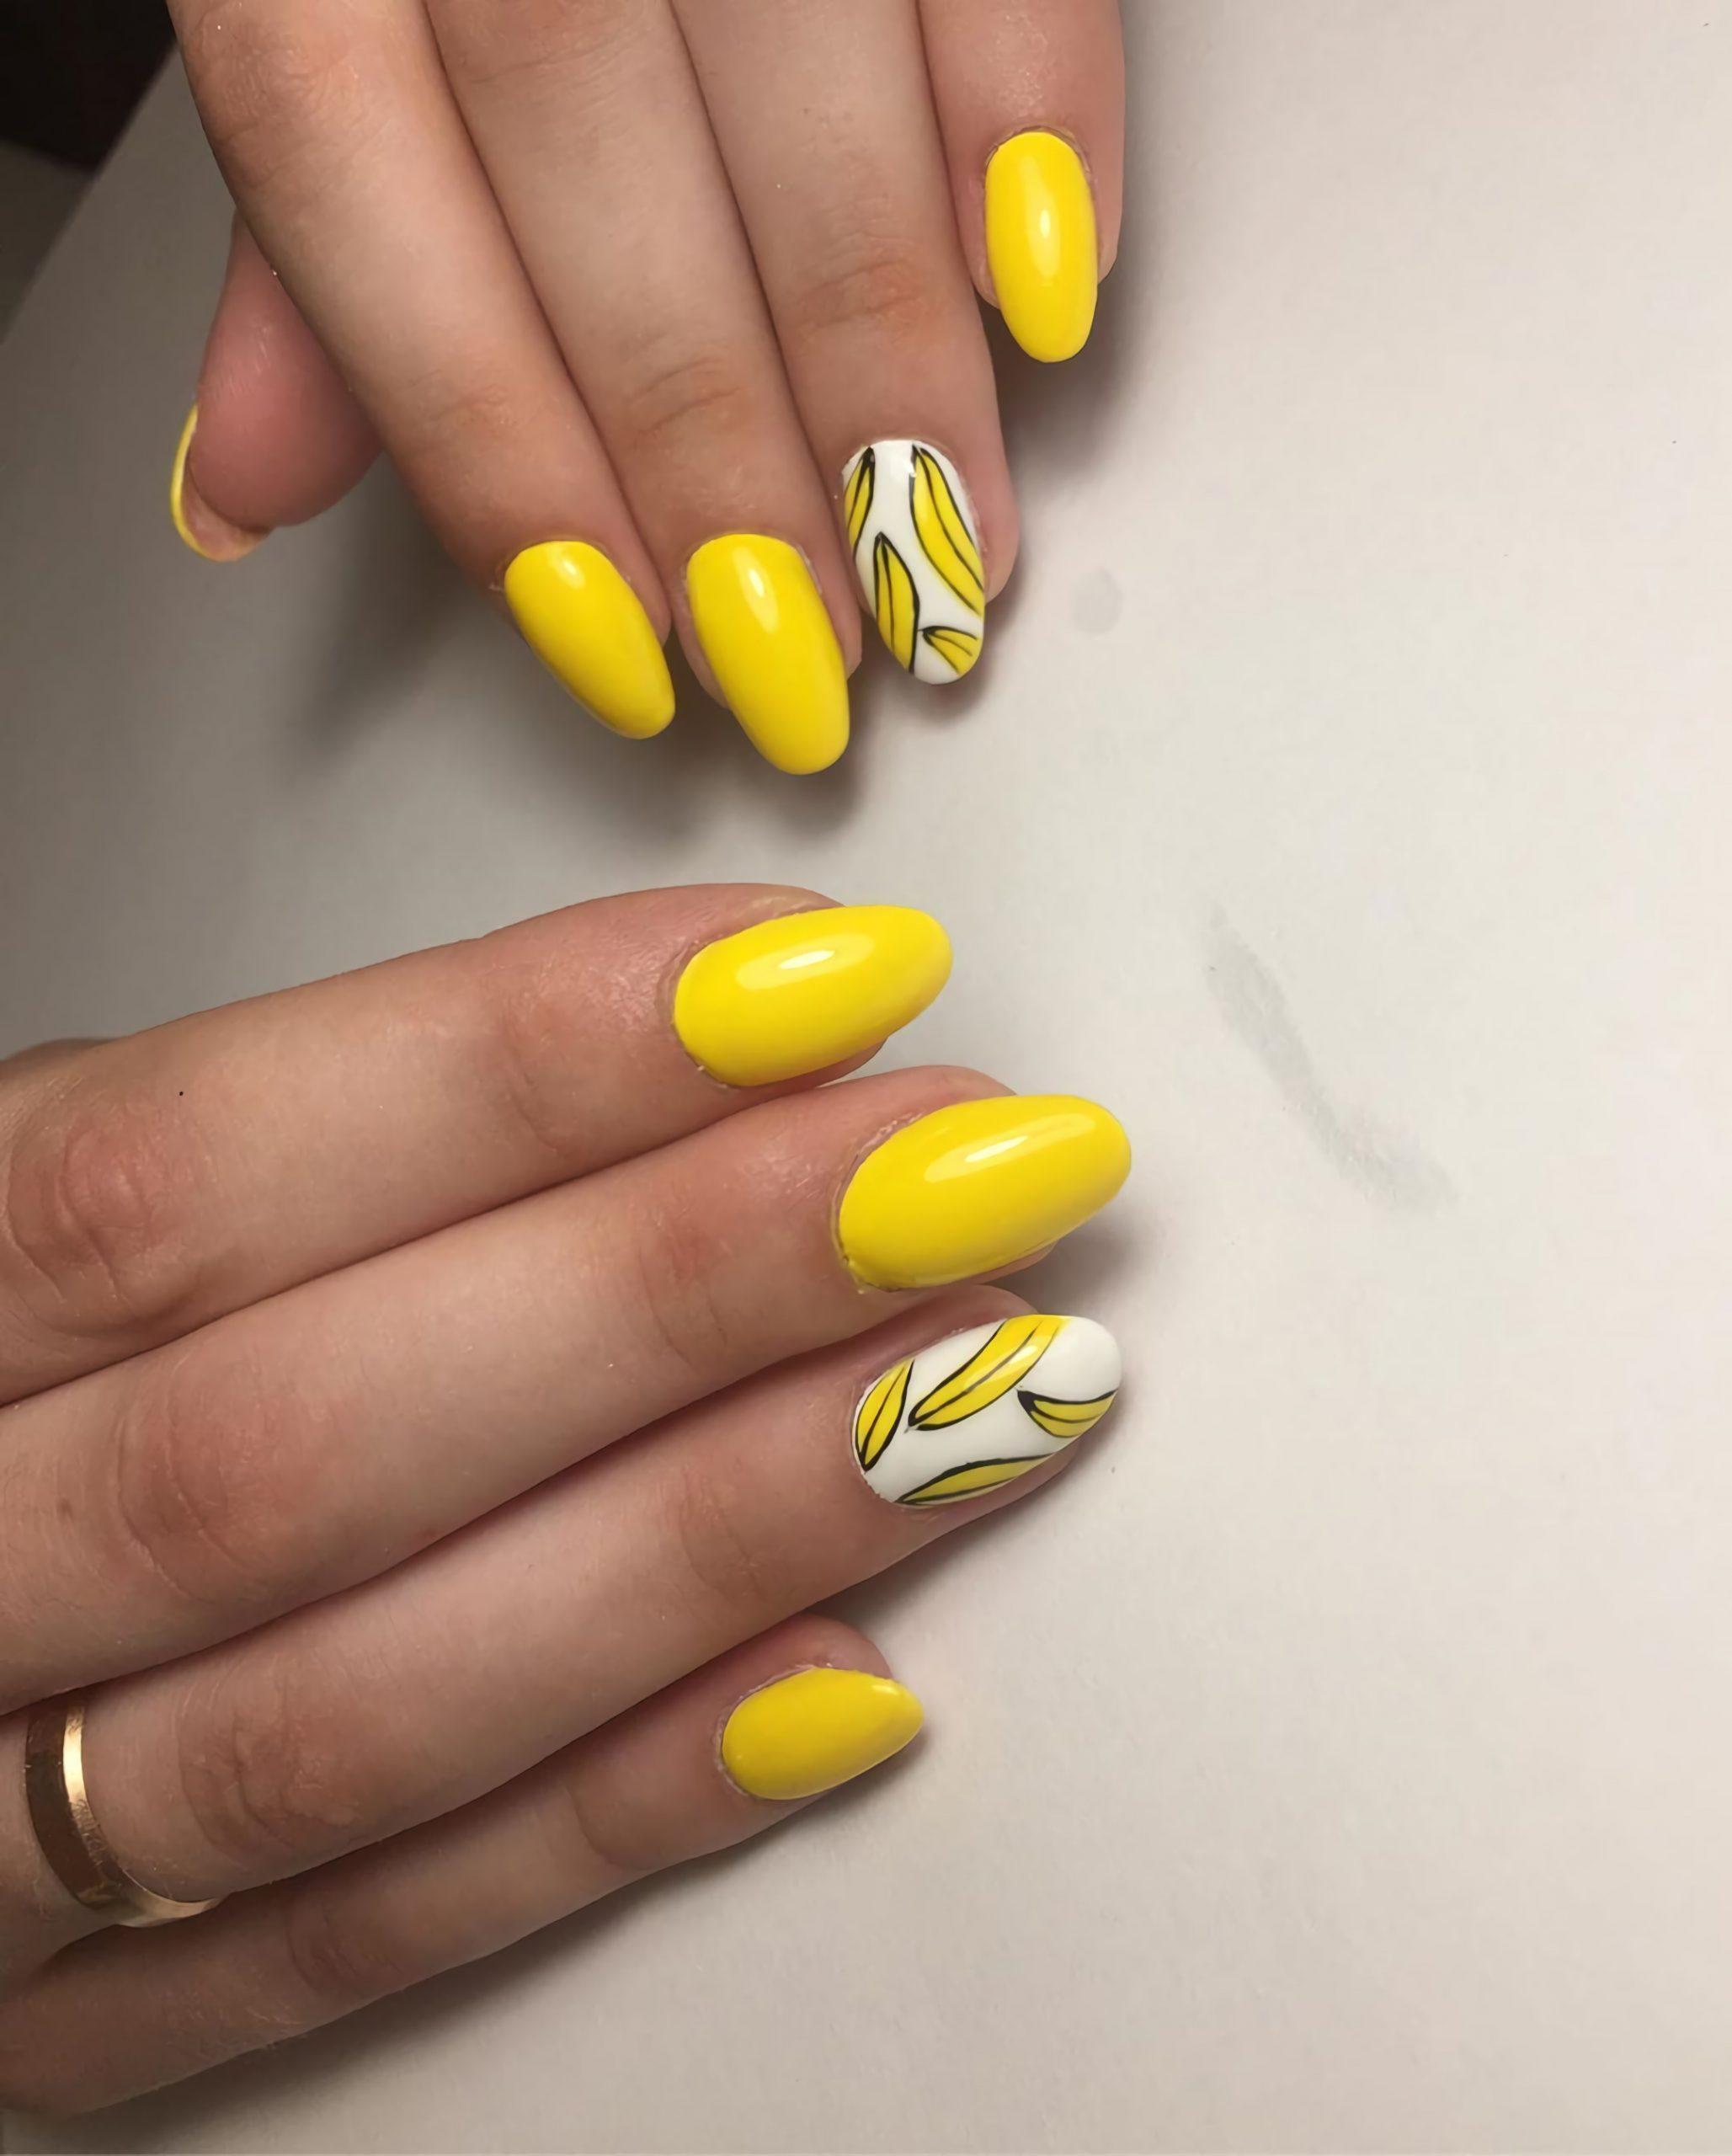 стильные желтые ногти с изображением банана